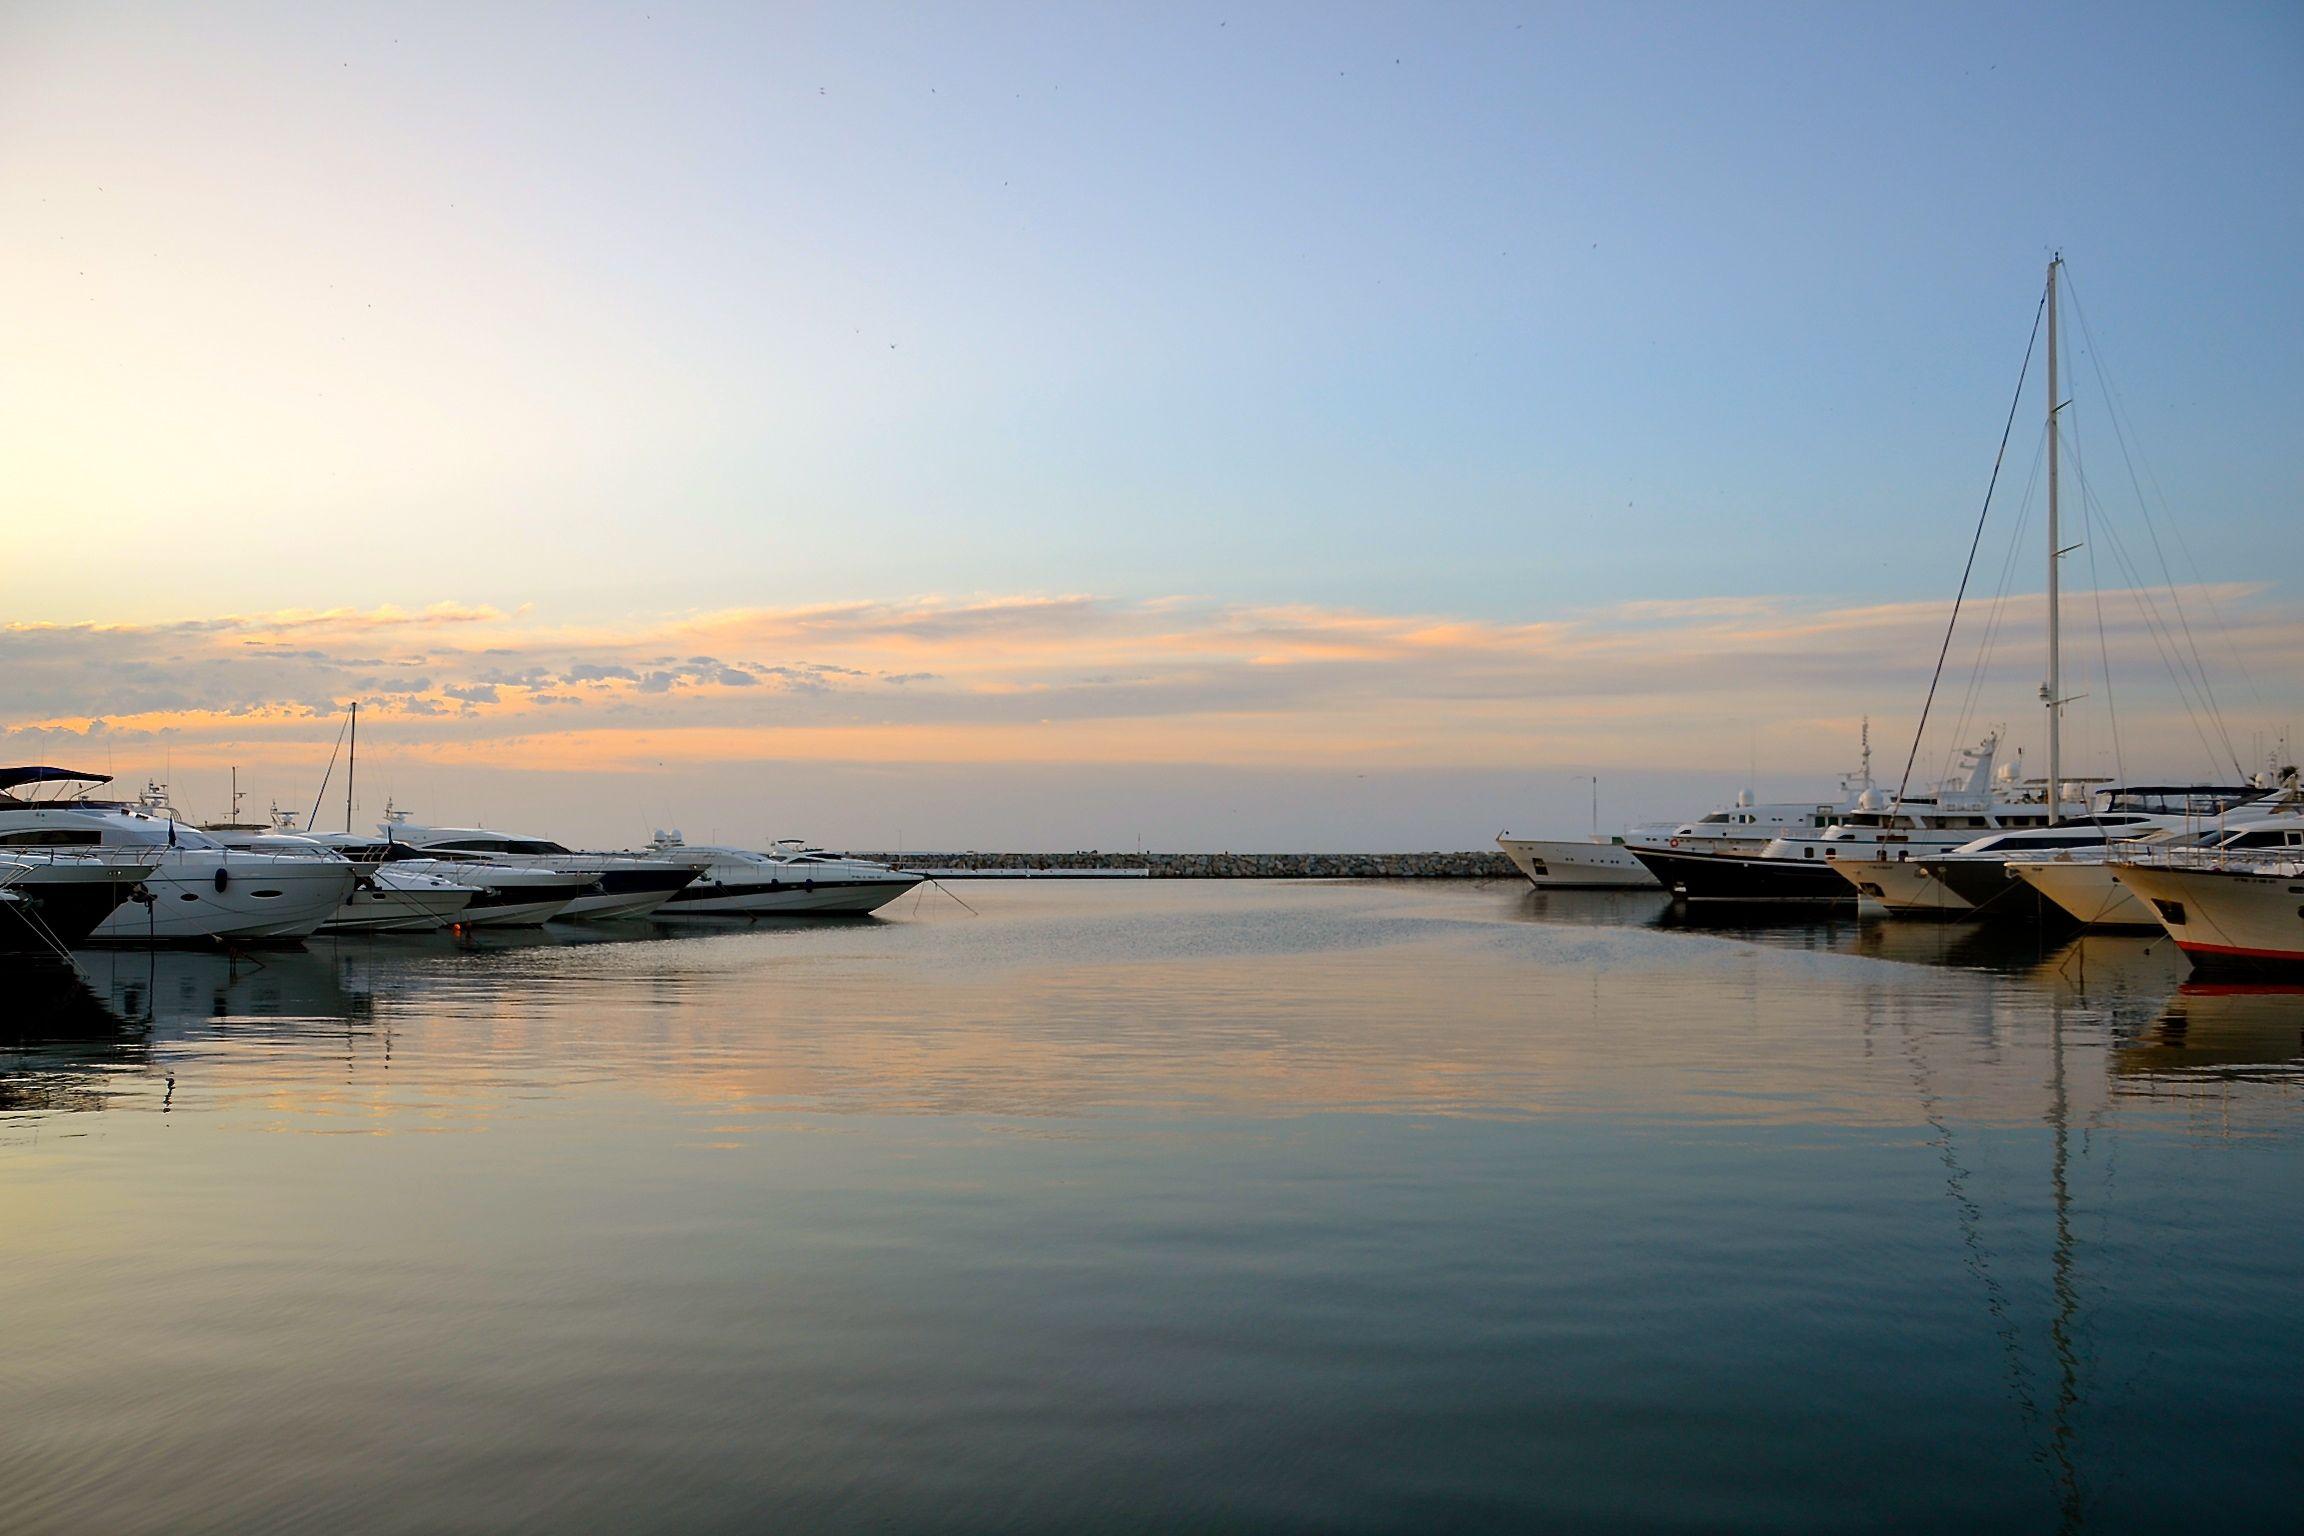 Sunrise at Puerto Banus in Marbella, Spain.